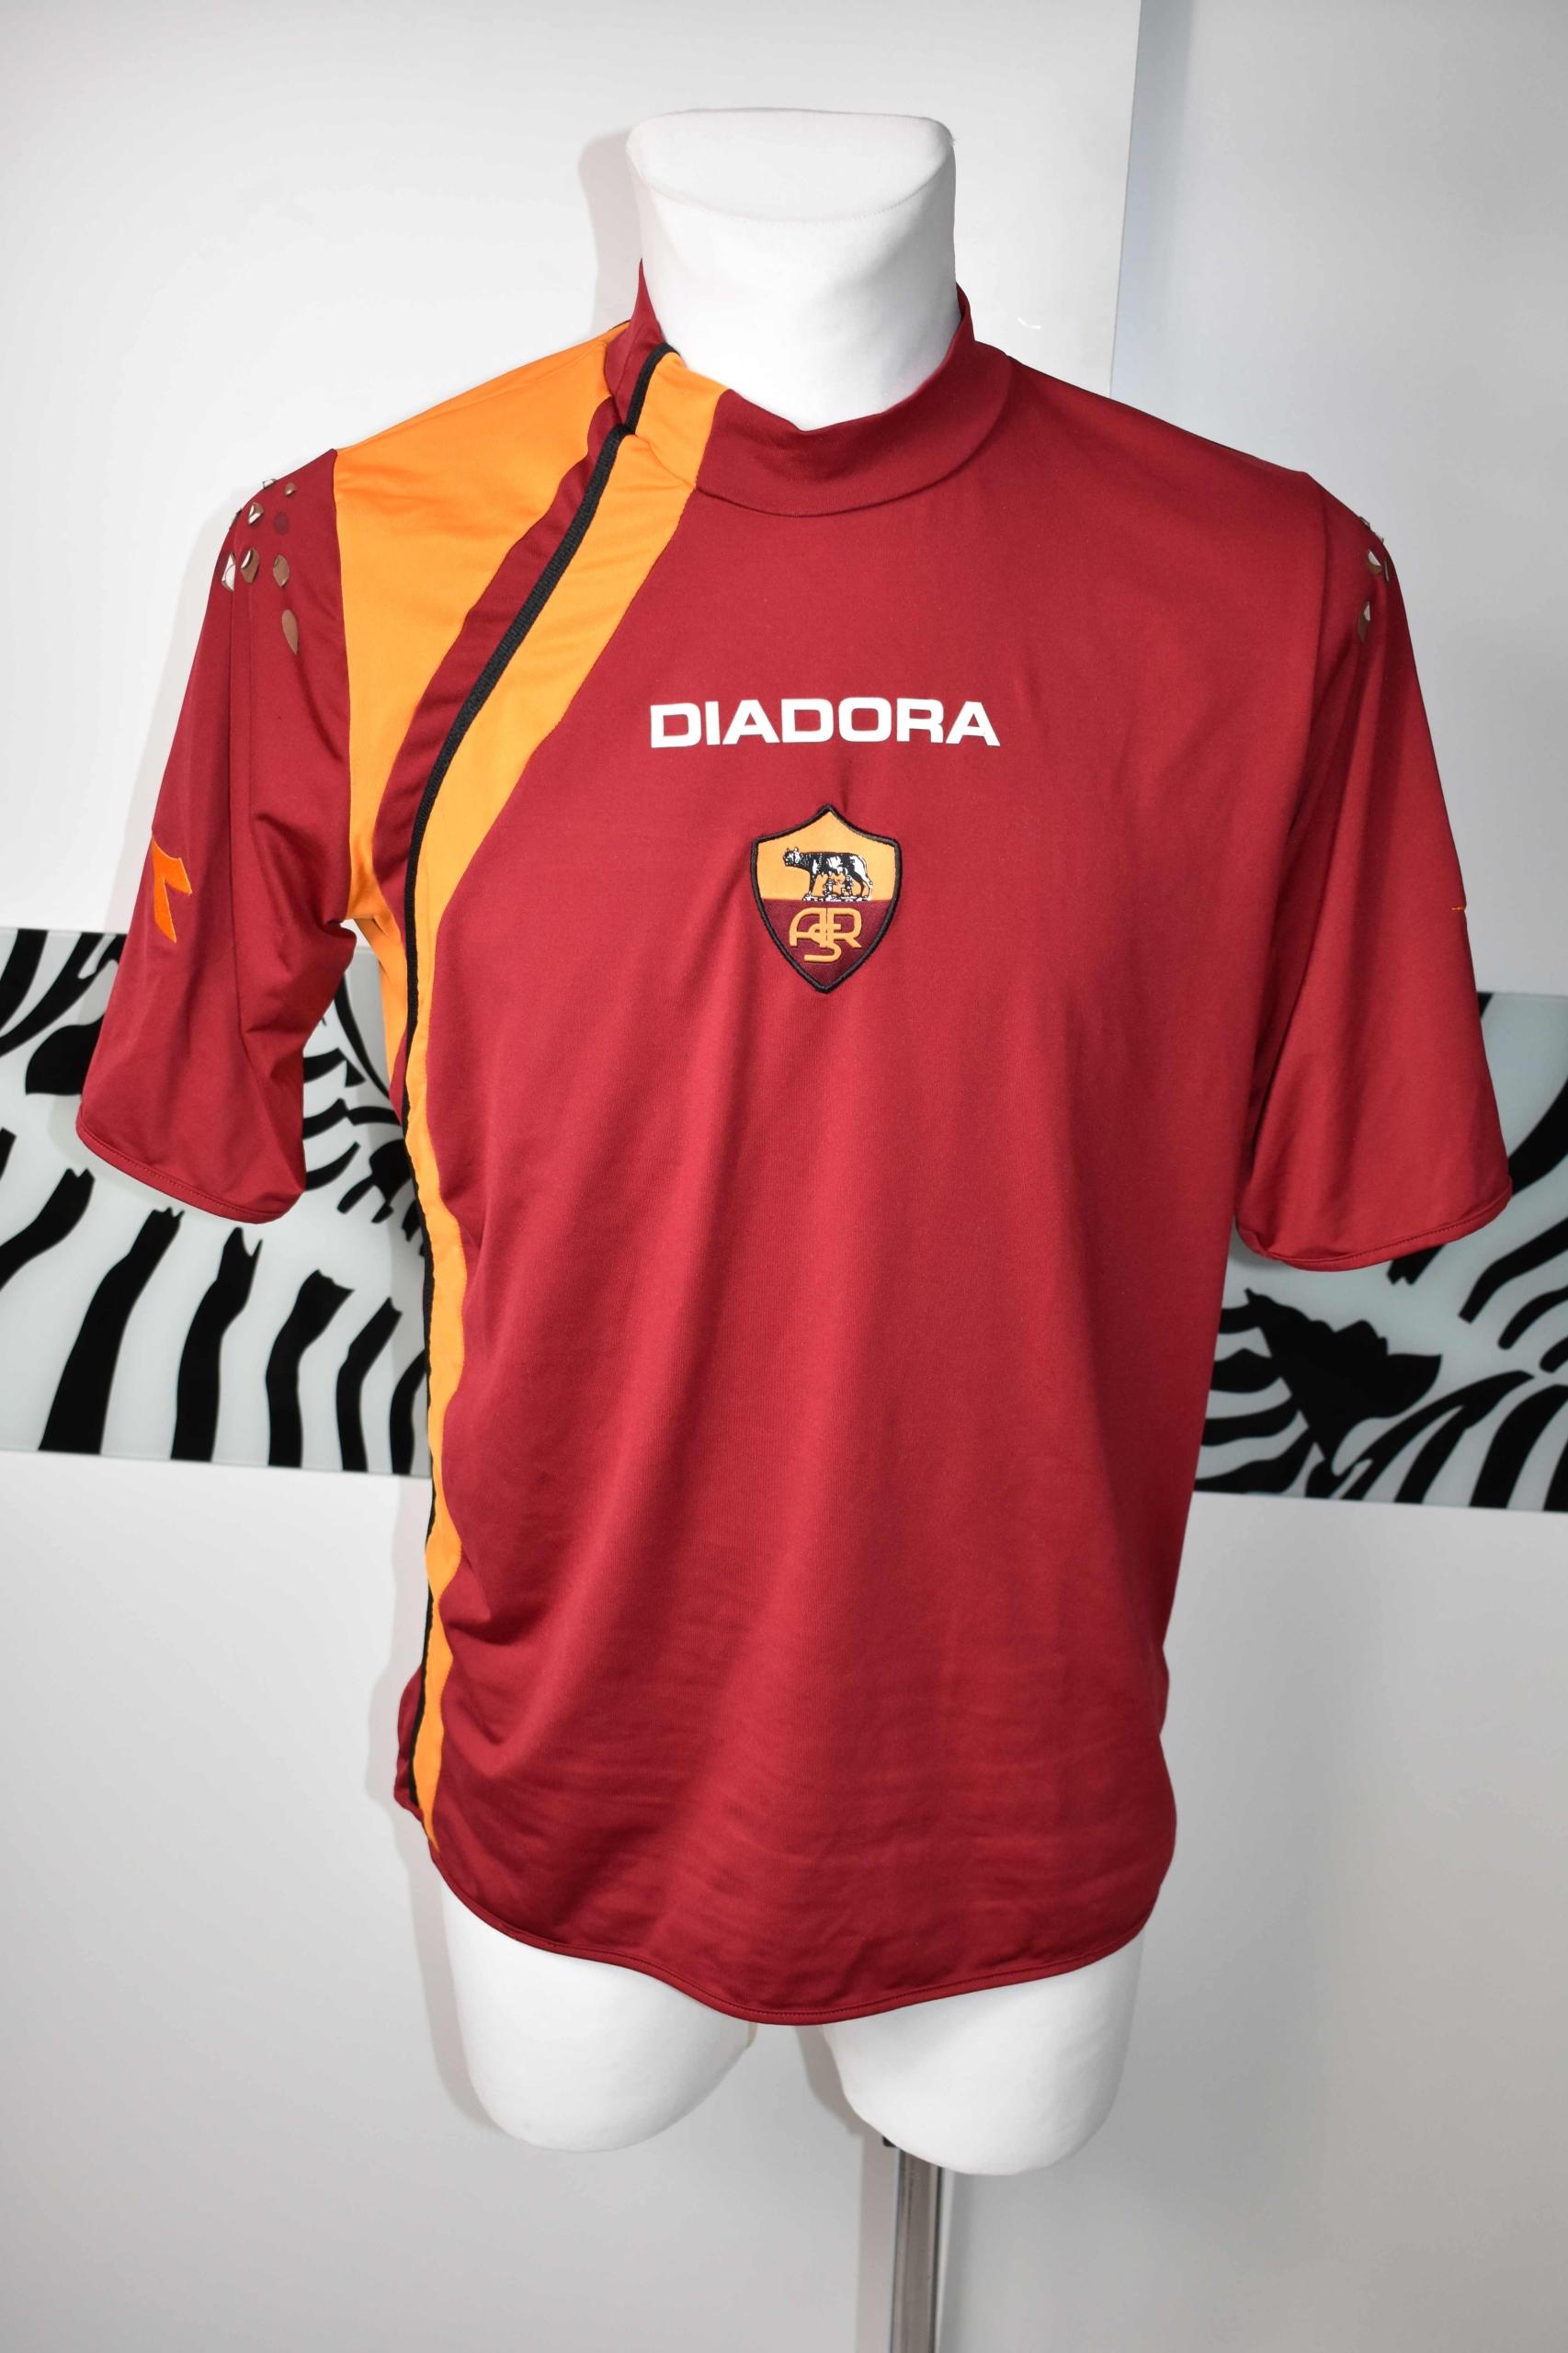 Roma koszulka diadora 2005 - 2006 sportowa okazja